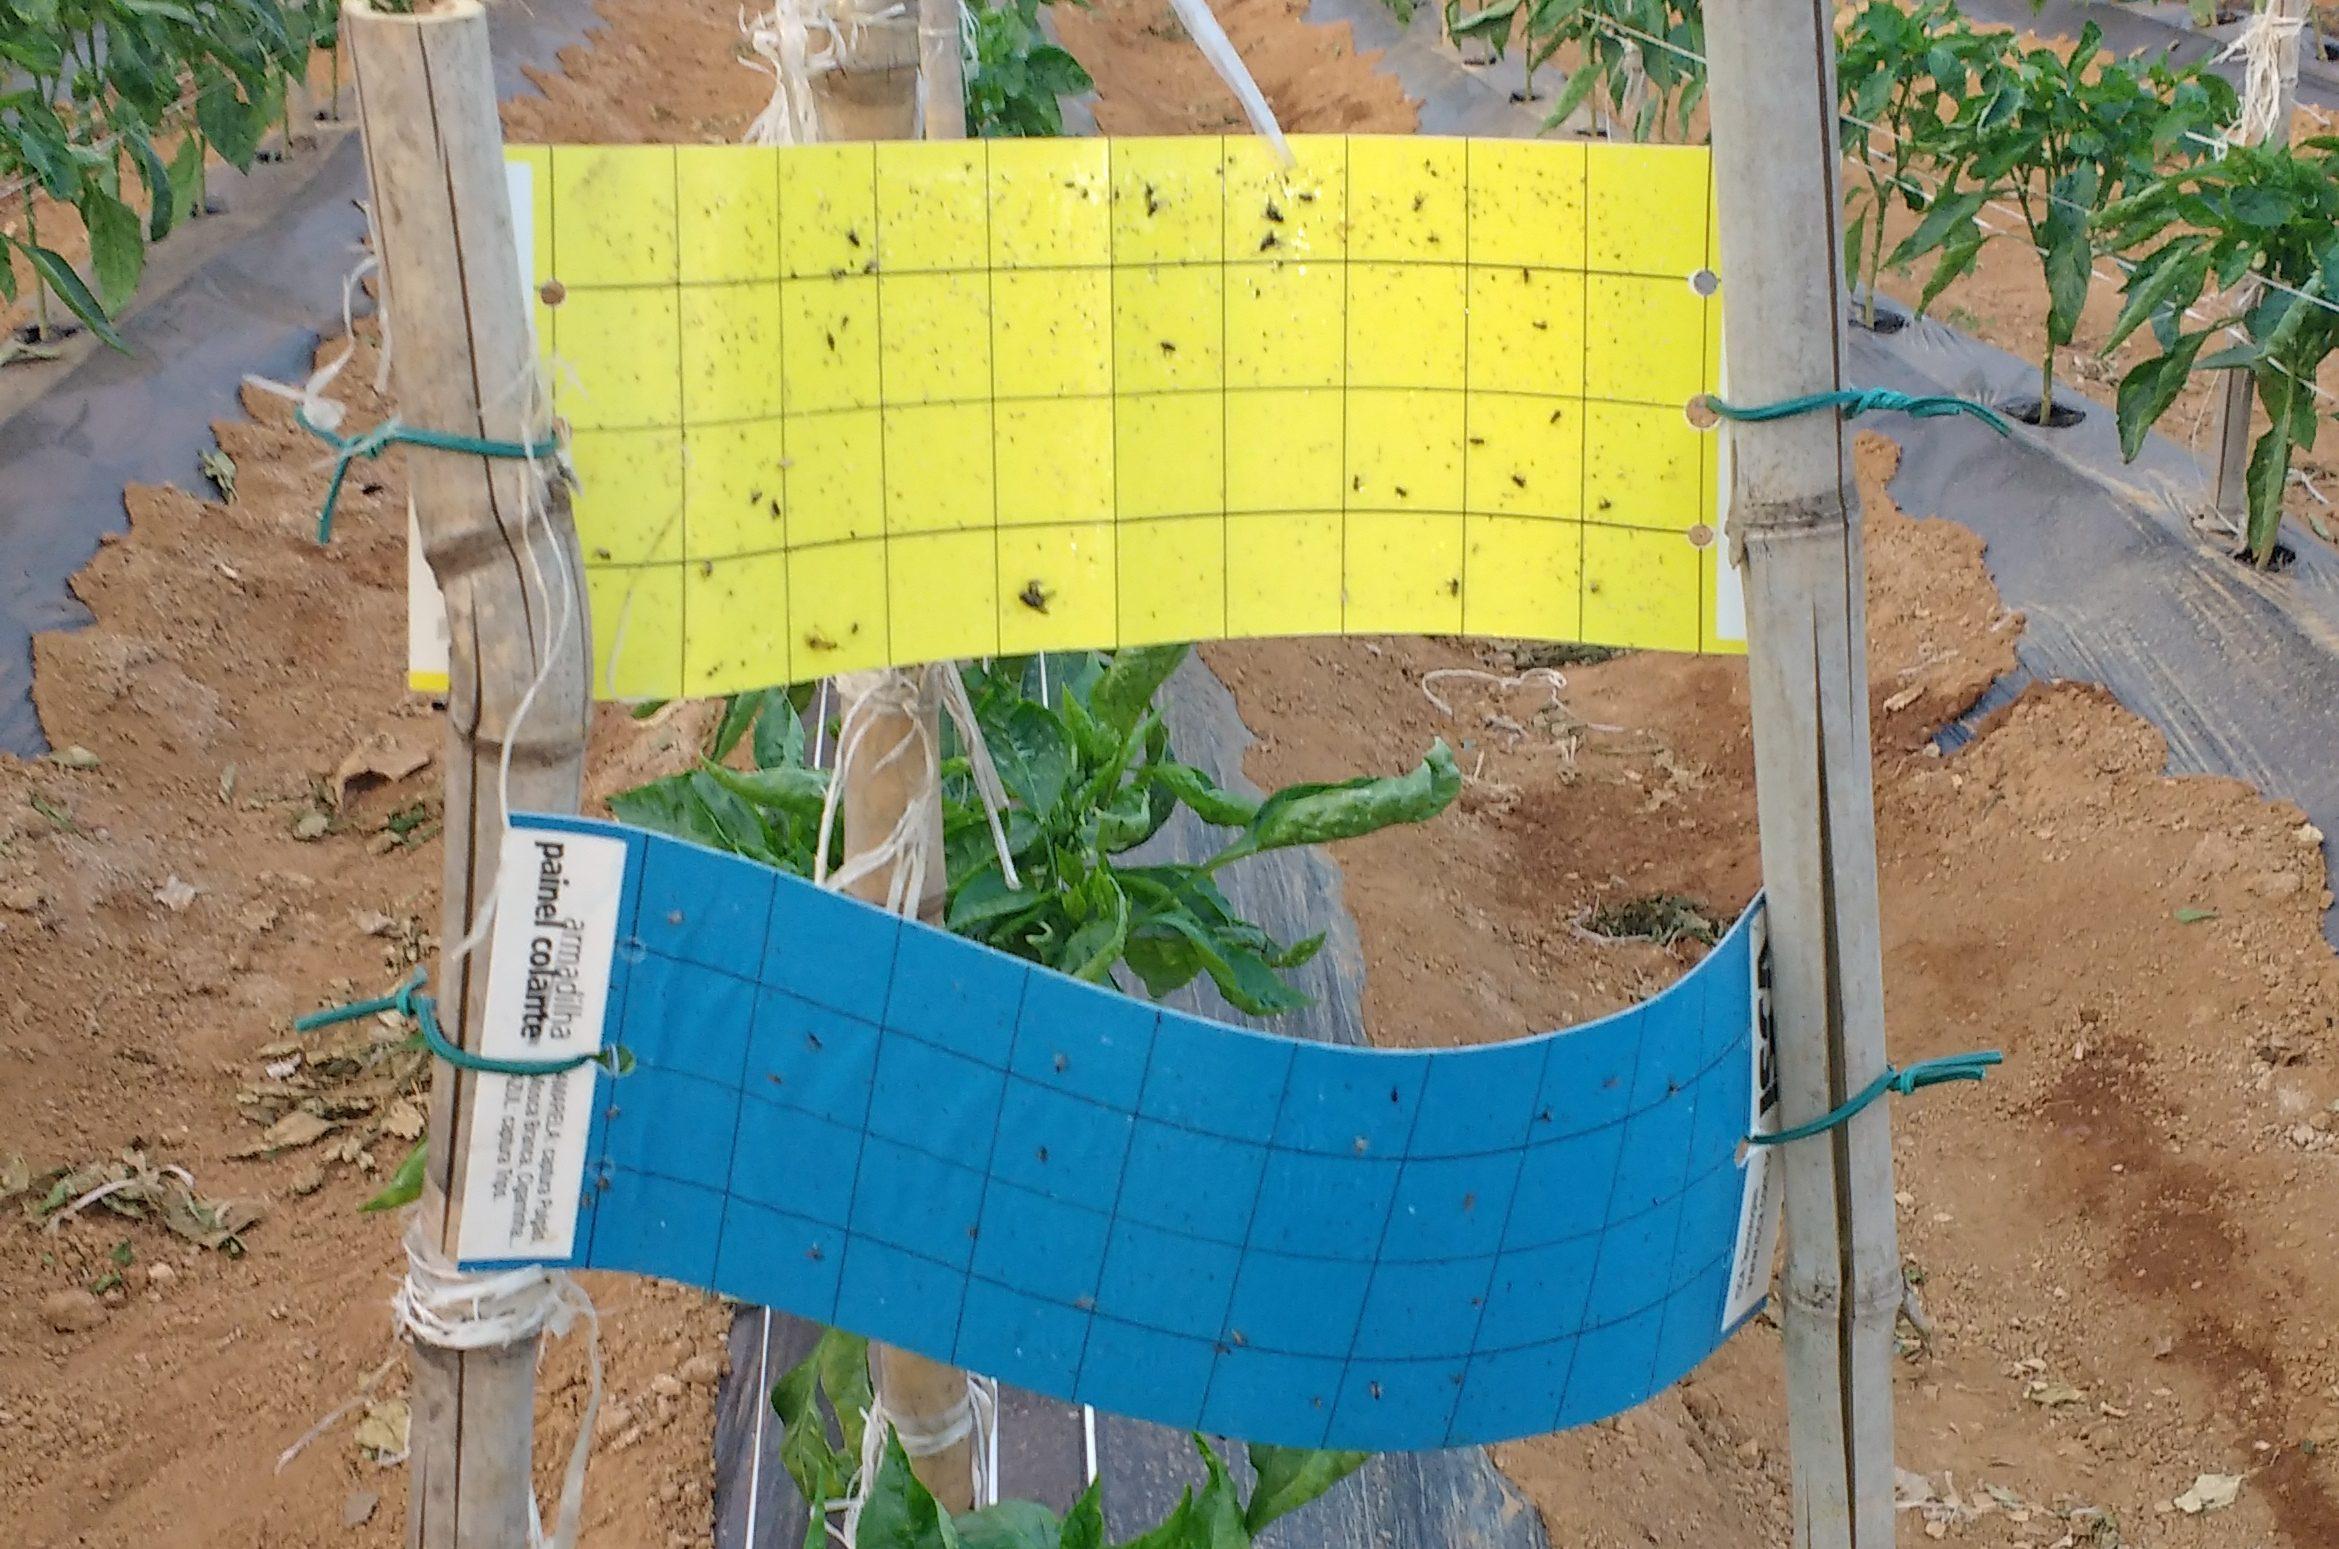 aramadilha cola: controle biologico de pragas no cultivo protegido